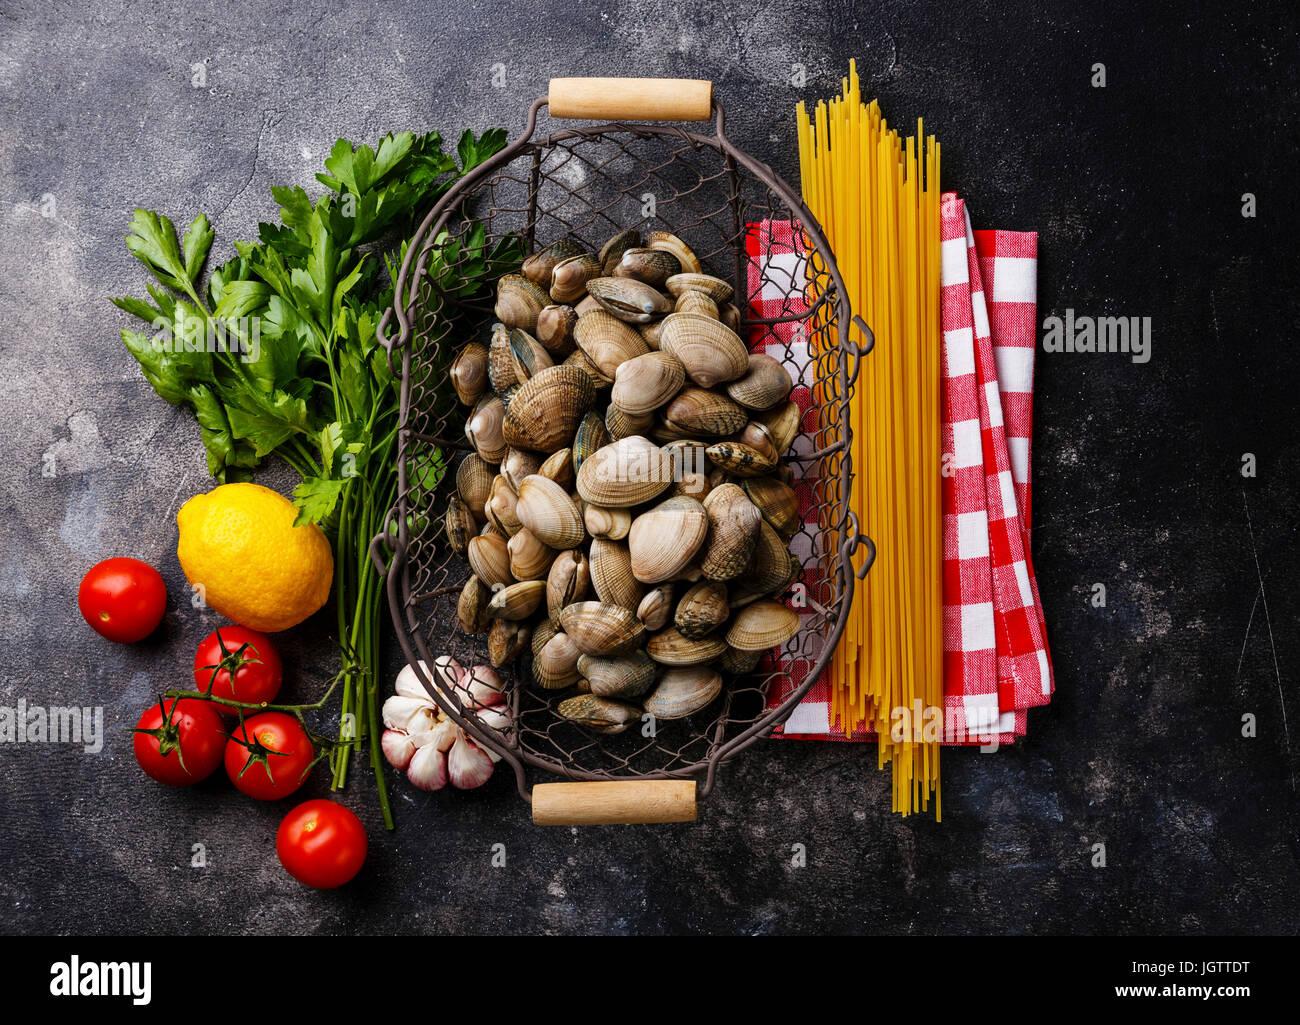 Rohkost Zutaten zum kochen Spaghetti Alle Vongole auf dunklem Hintergrund Stockbild